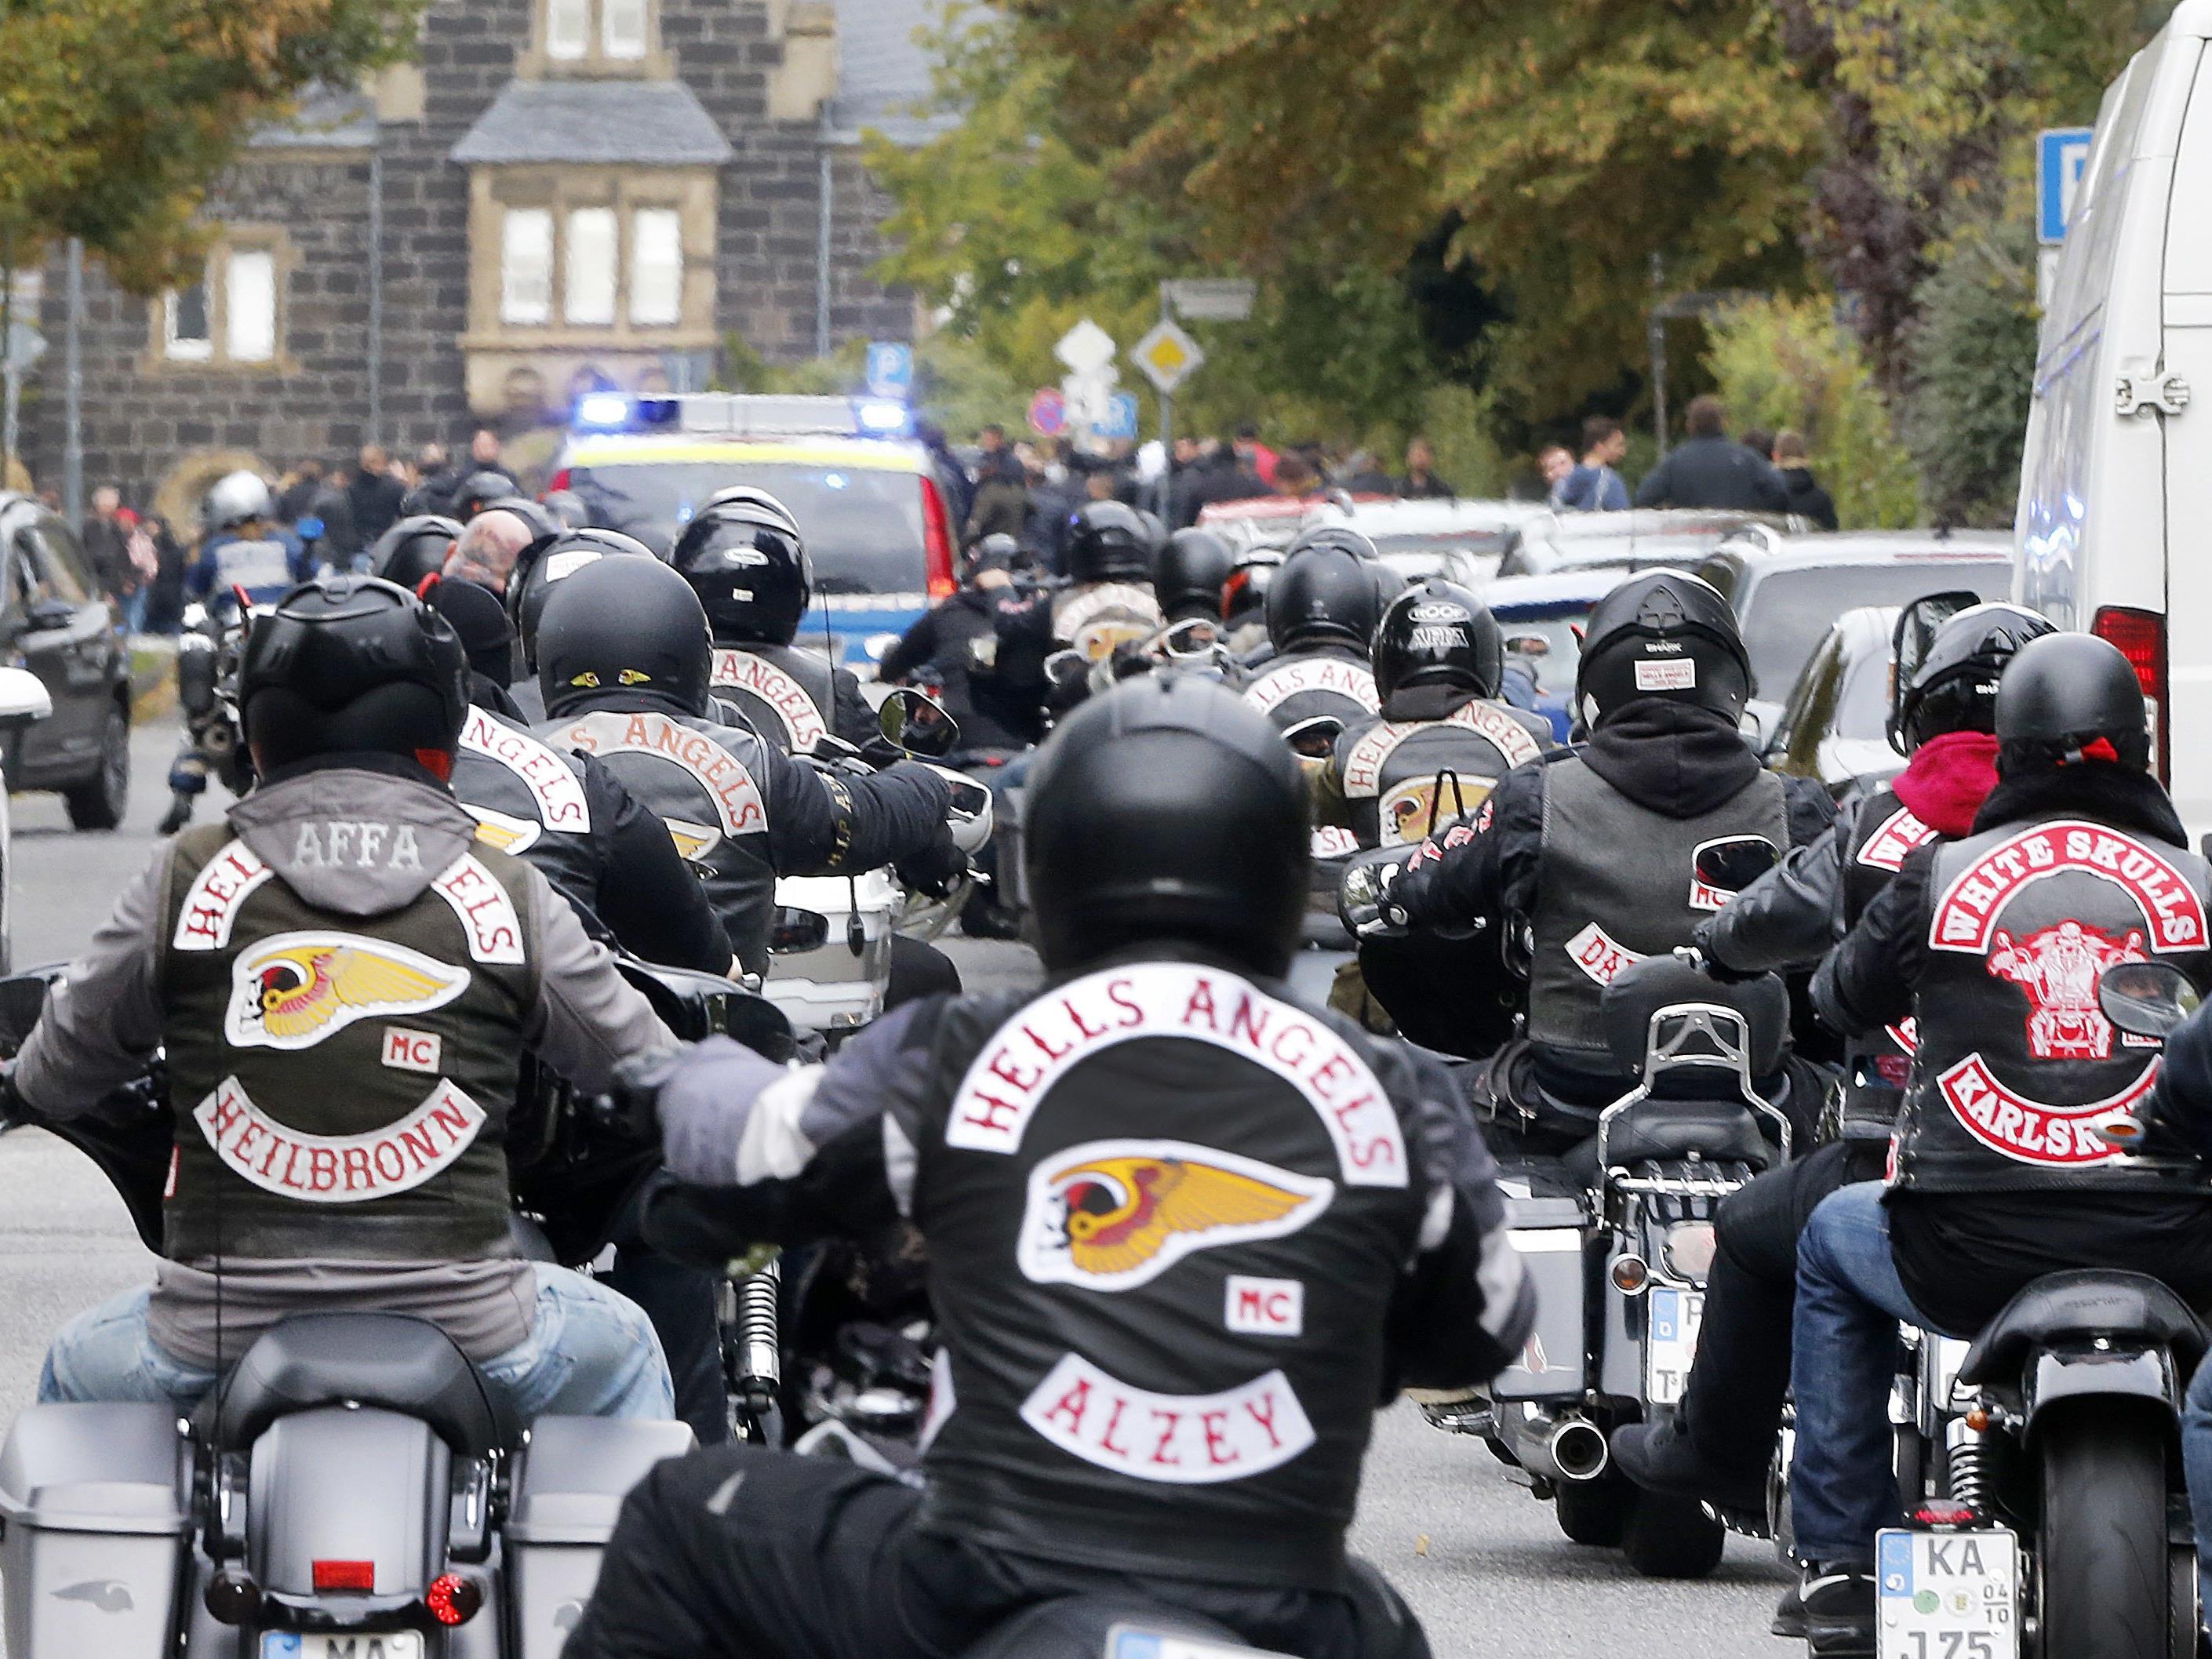 Die Rockergruppen klagen gegen das Kuttenverbot-Gesetz.